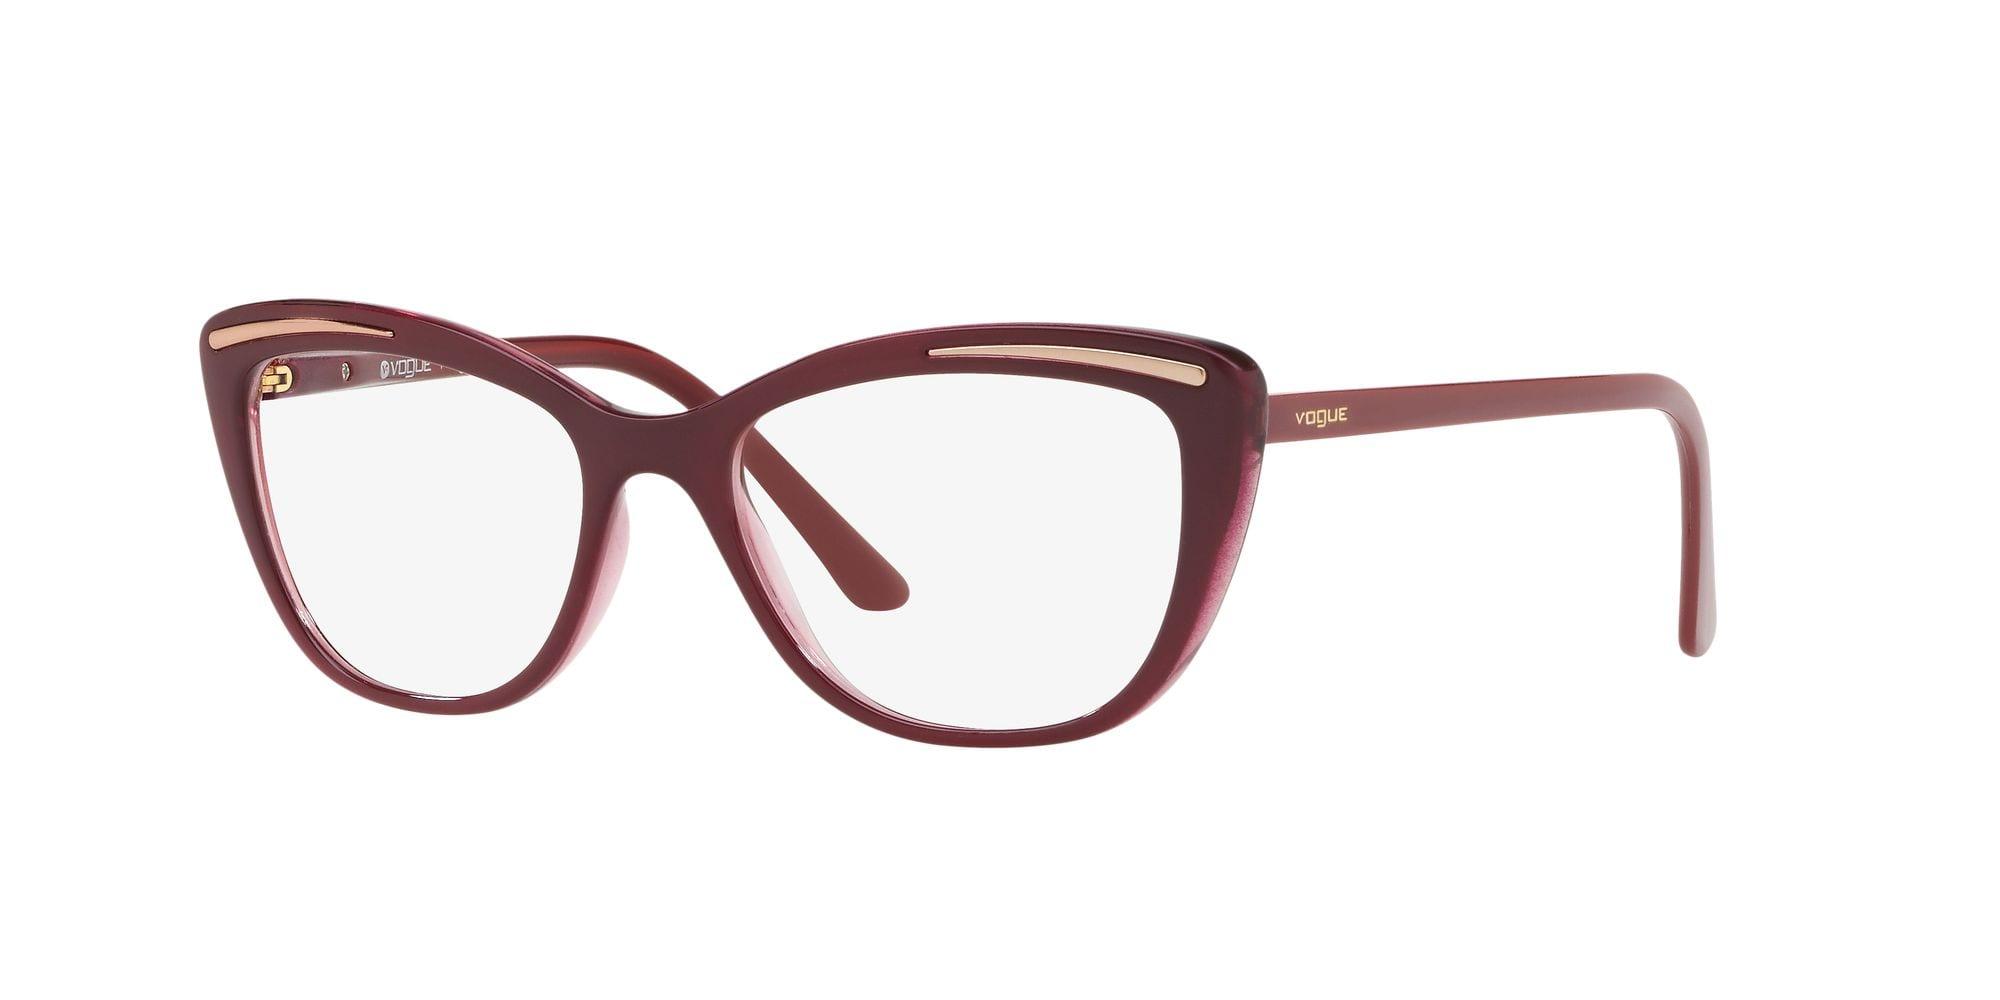 Óculos Vogue